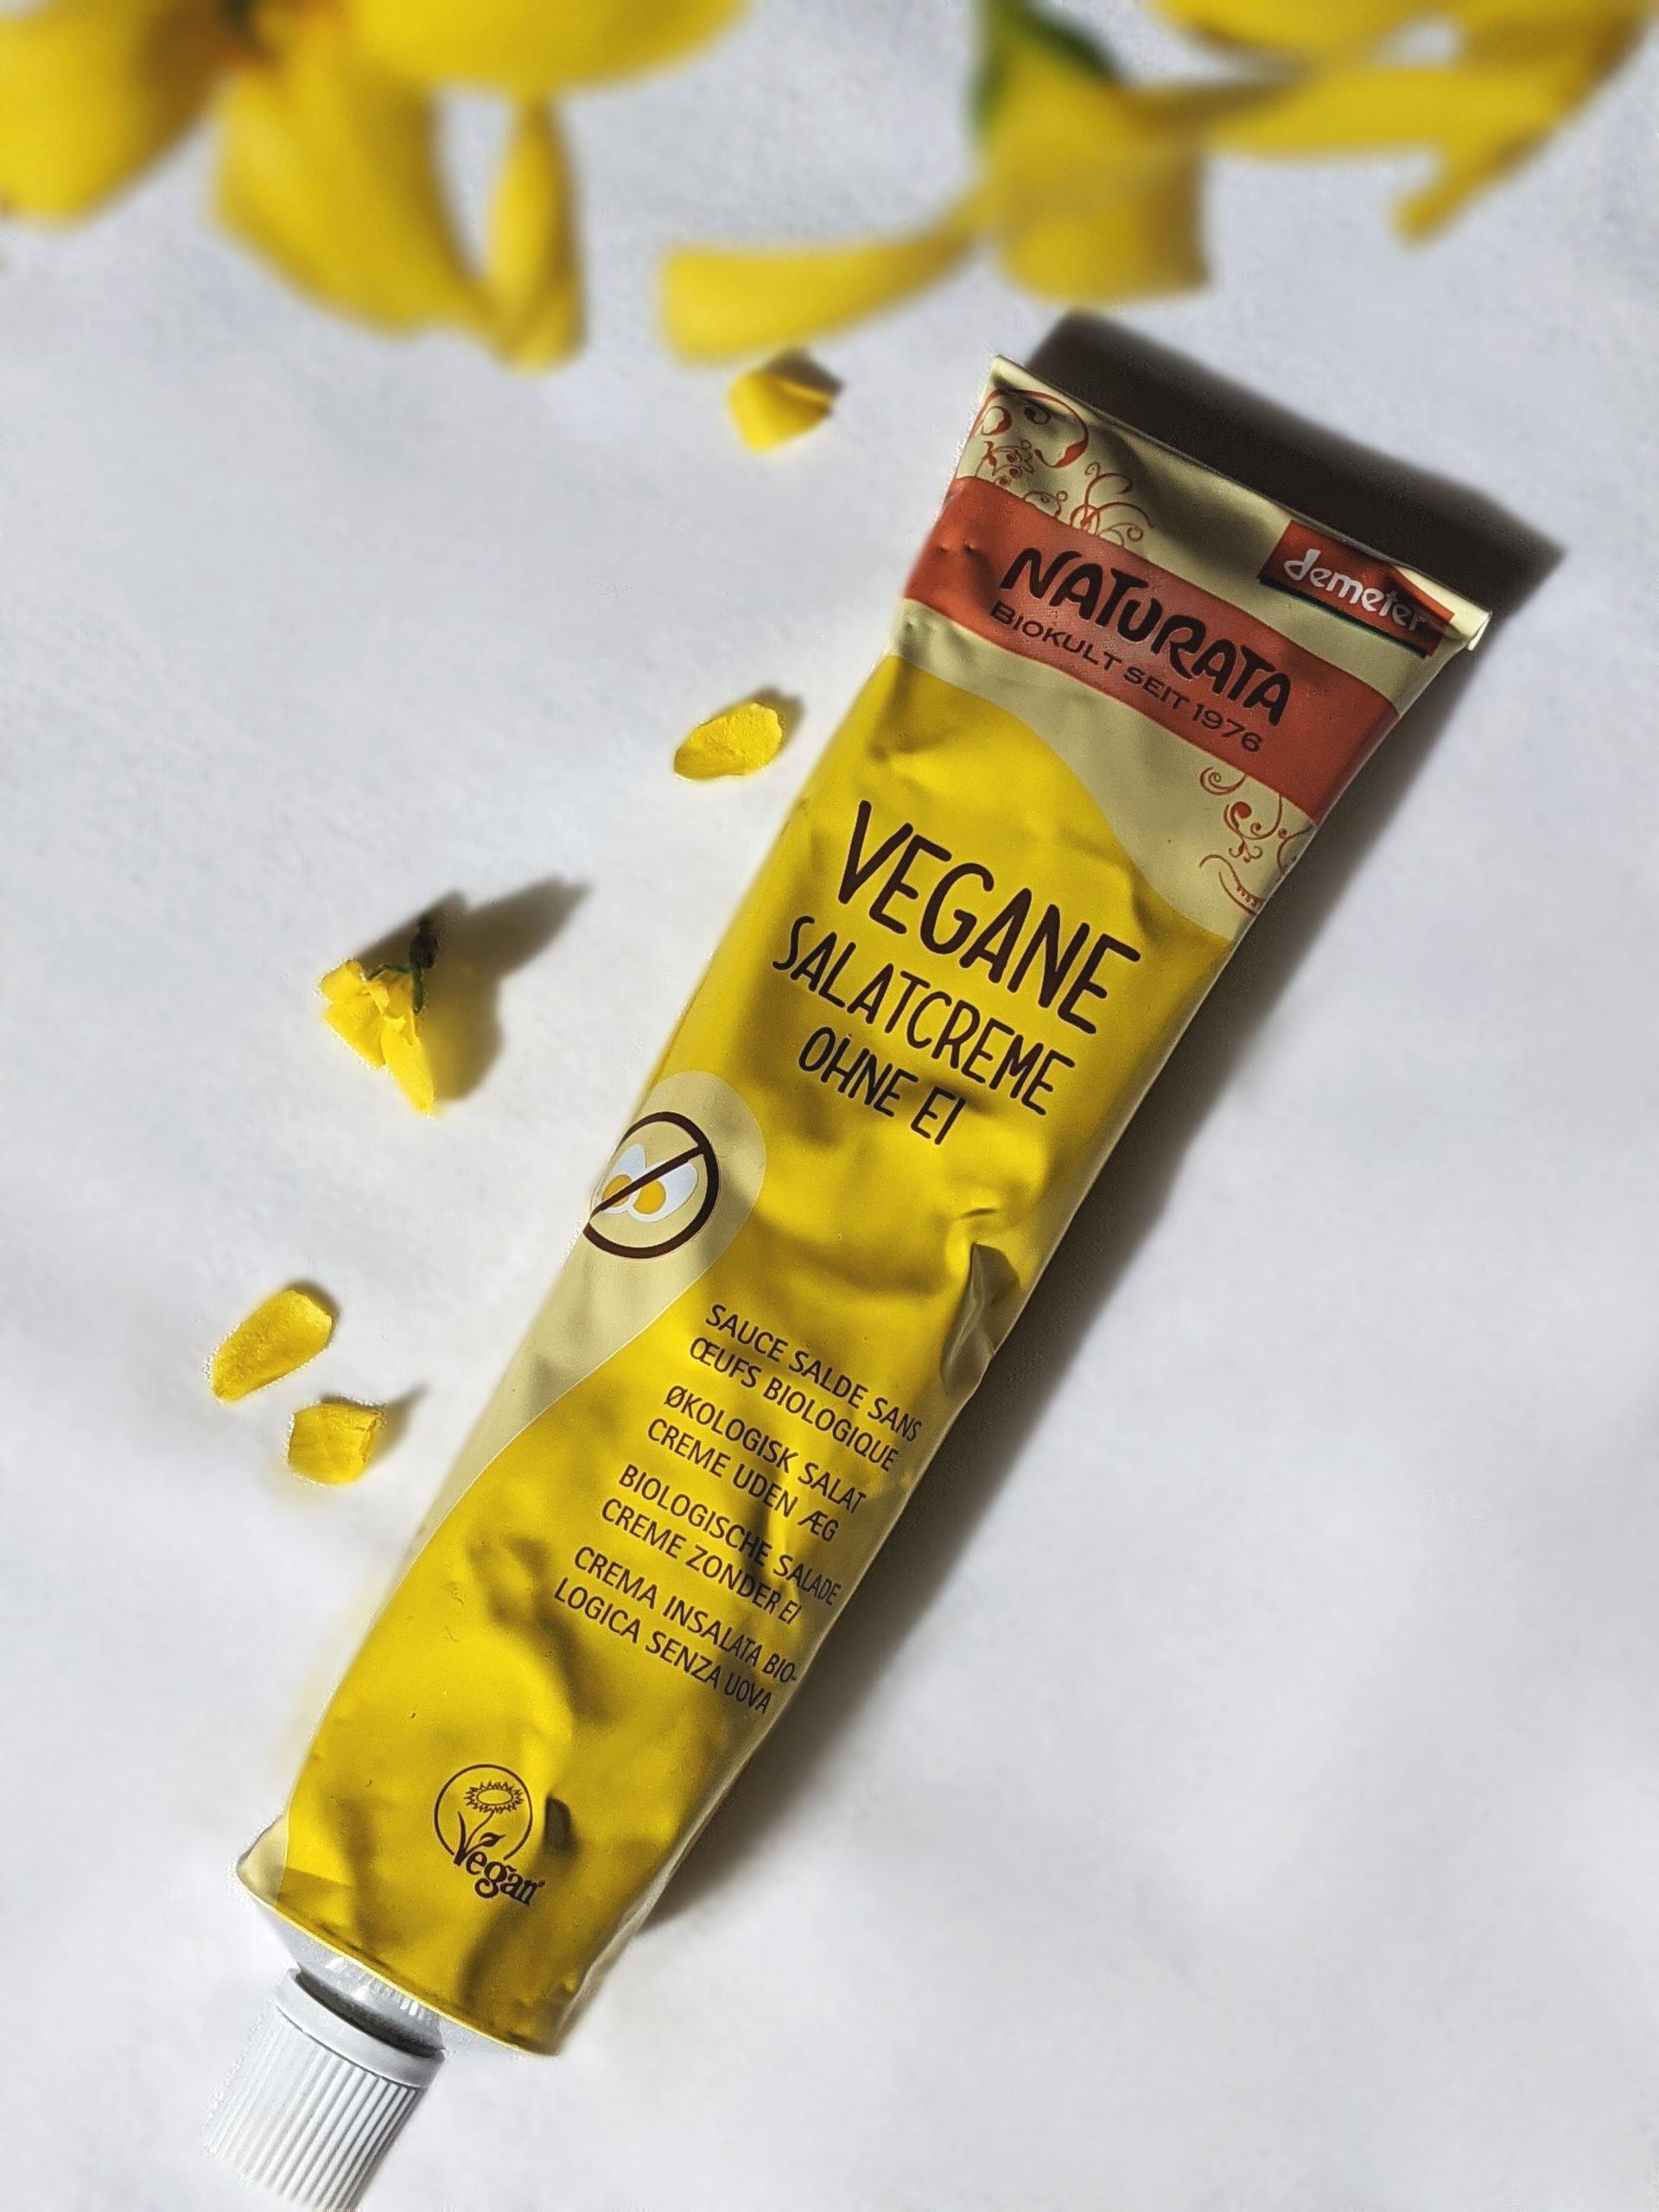 Naturata Vegane Salatsauce